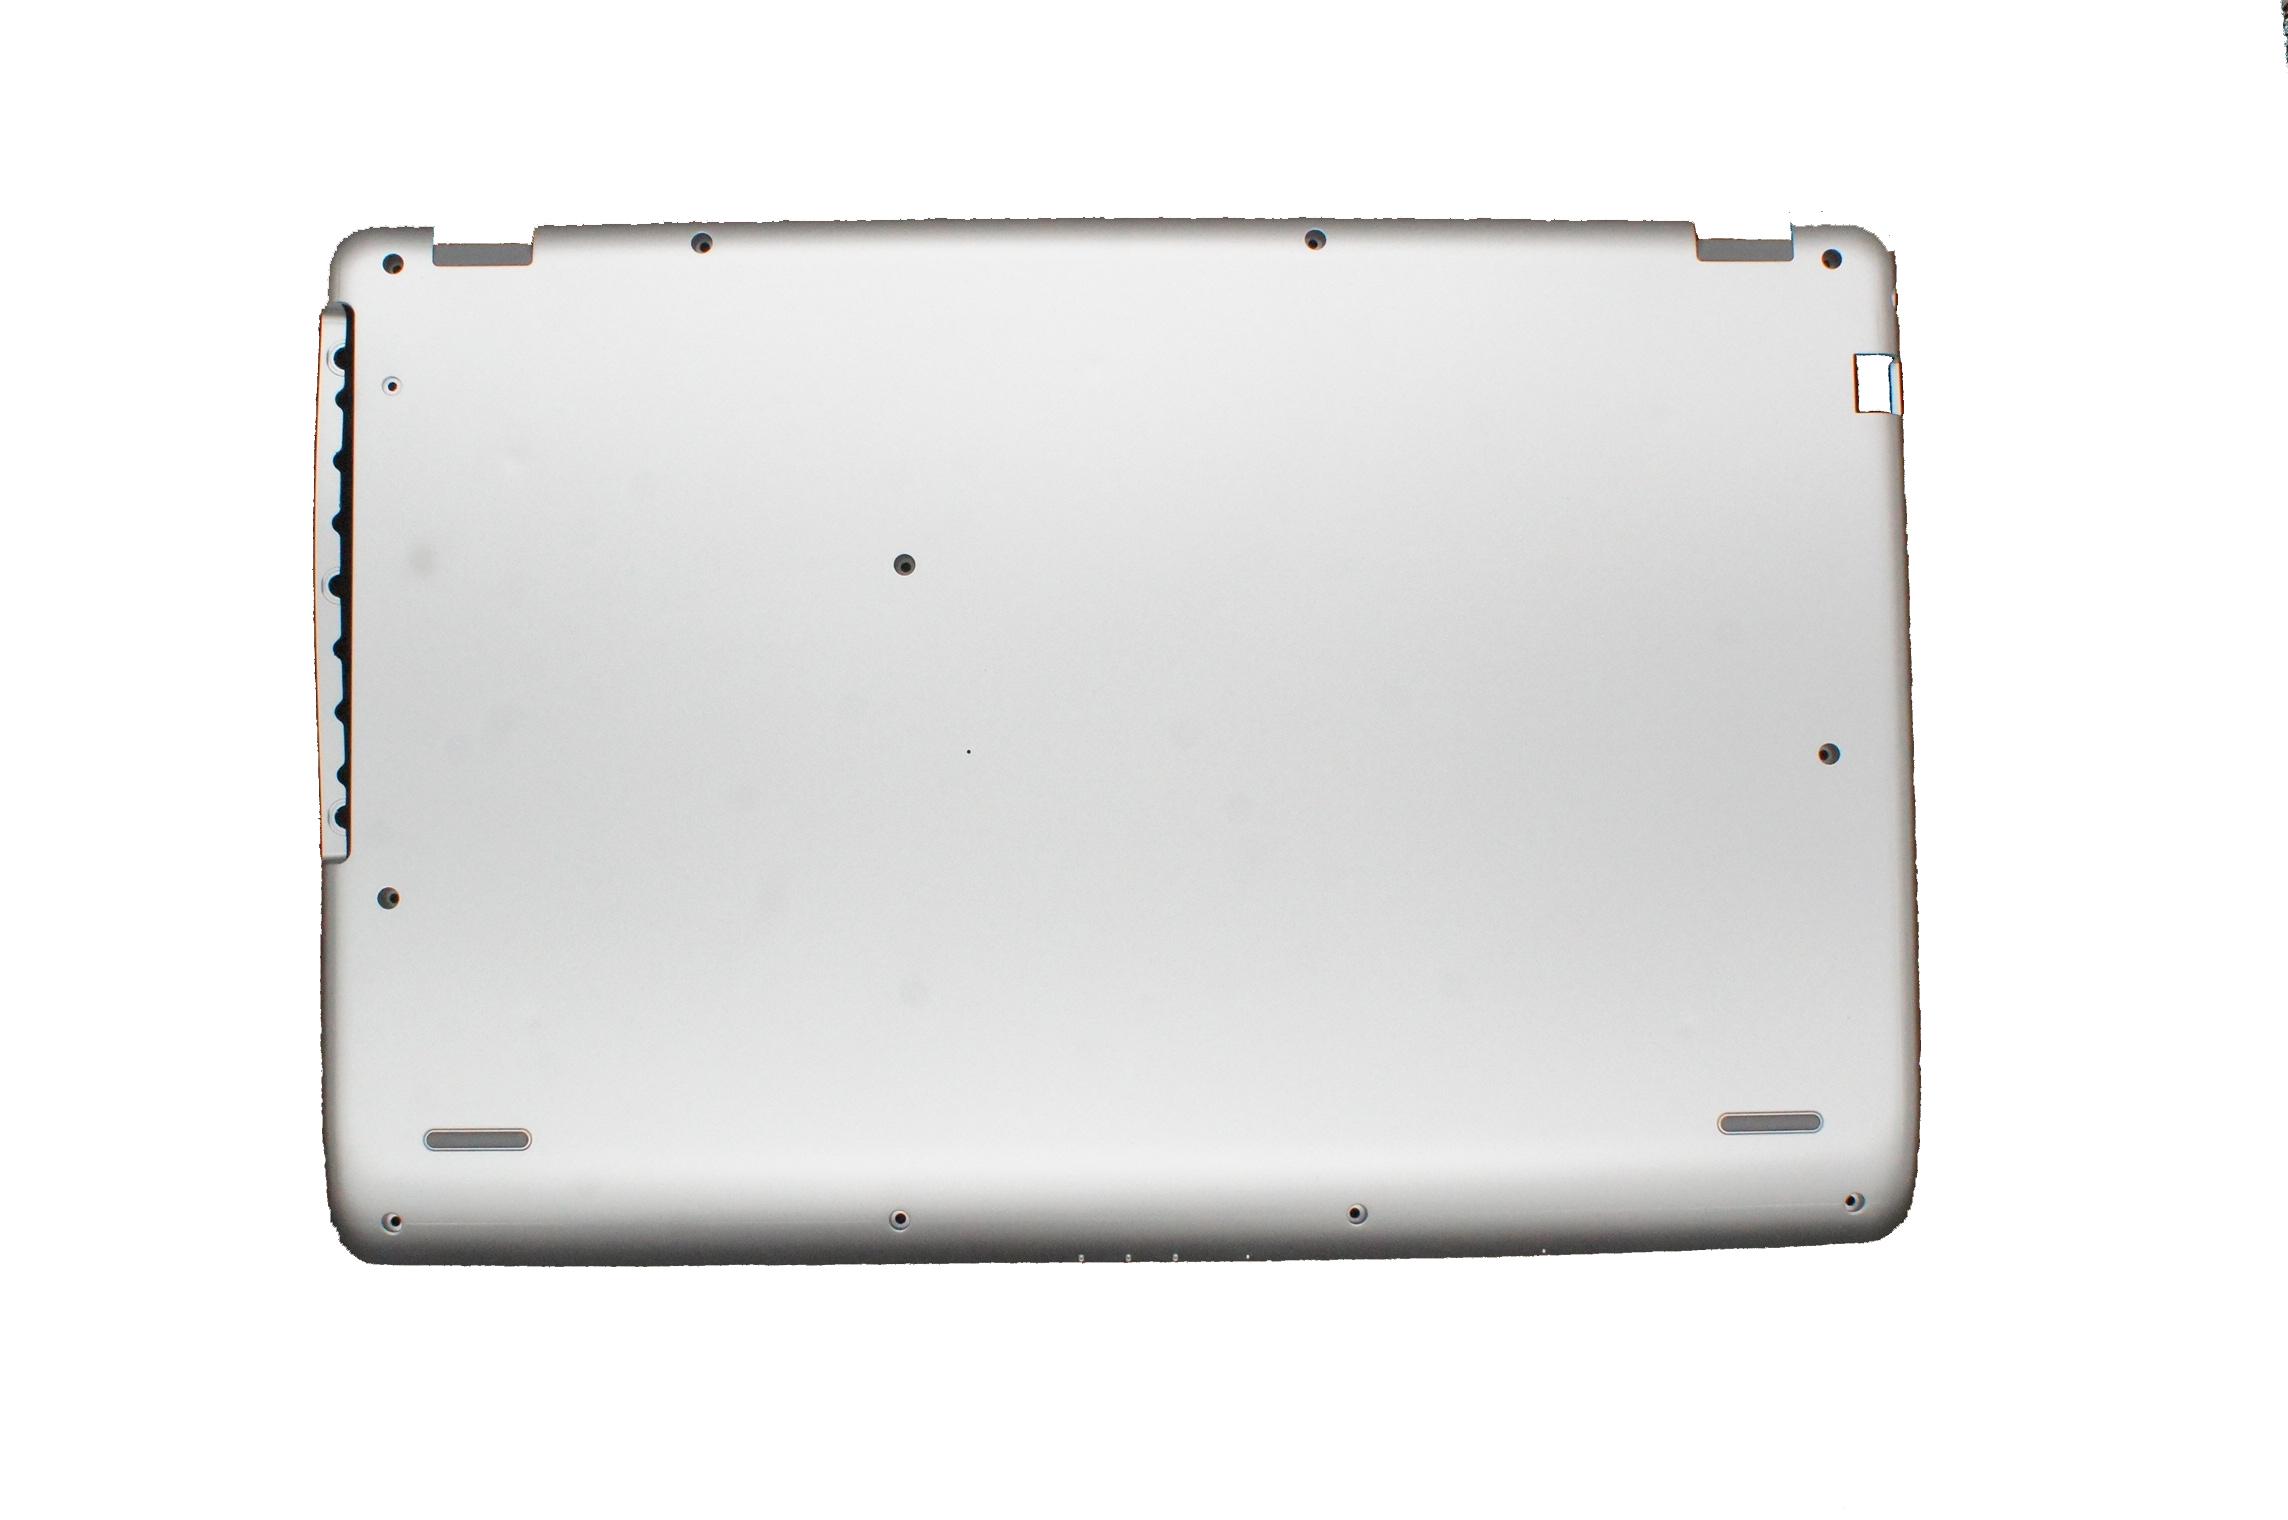 索尼Sony Vaio Fit SVF15 SVF15A18CXB SVF15A16CXB 15.6